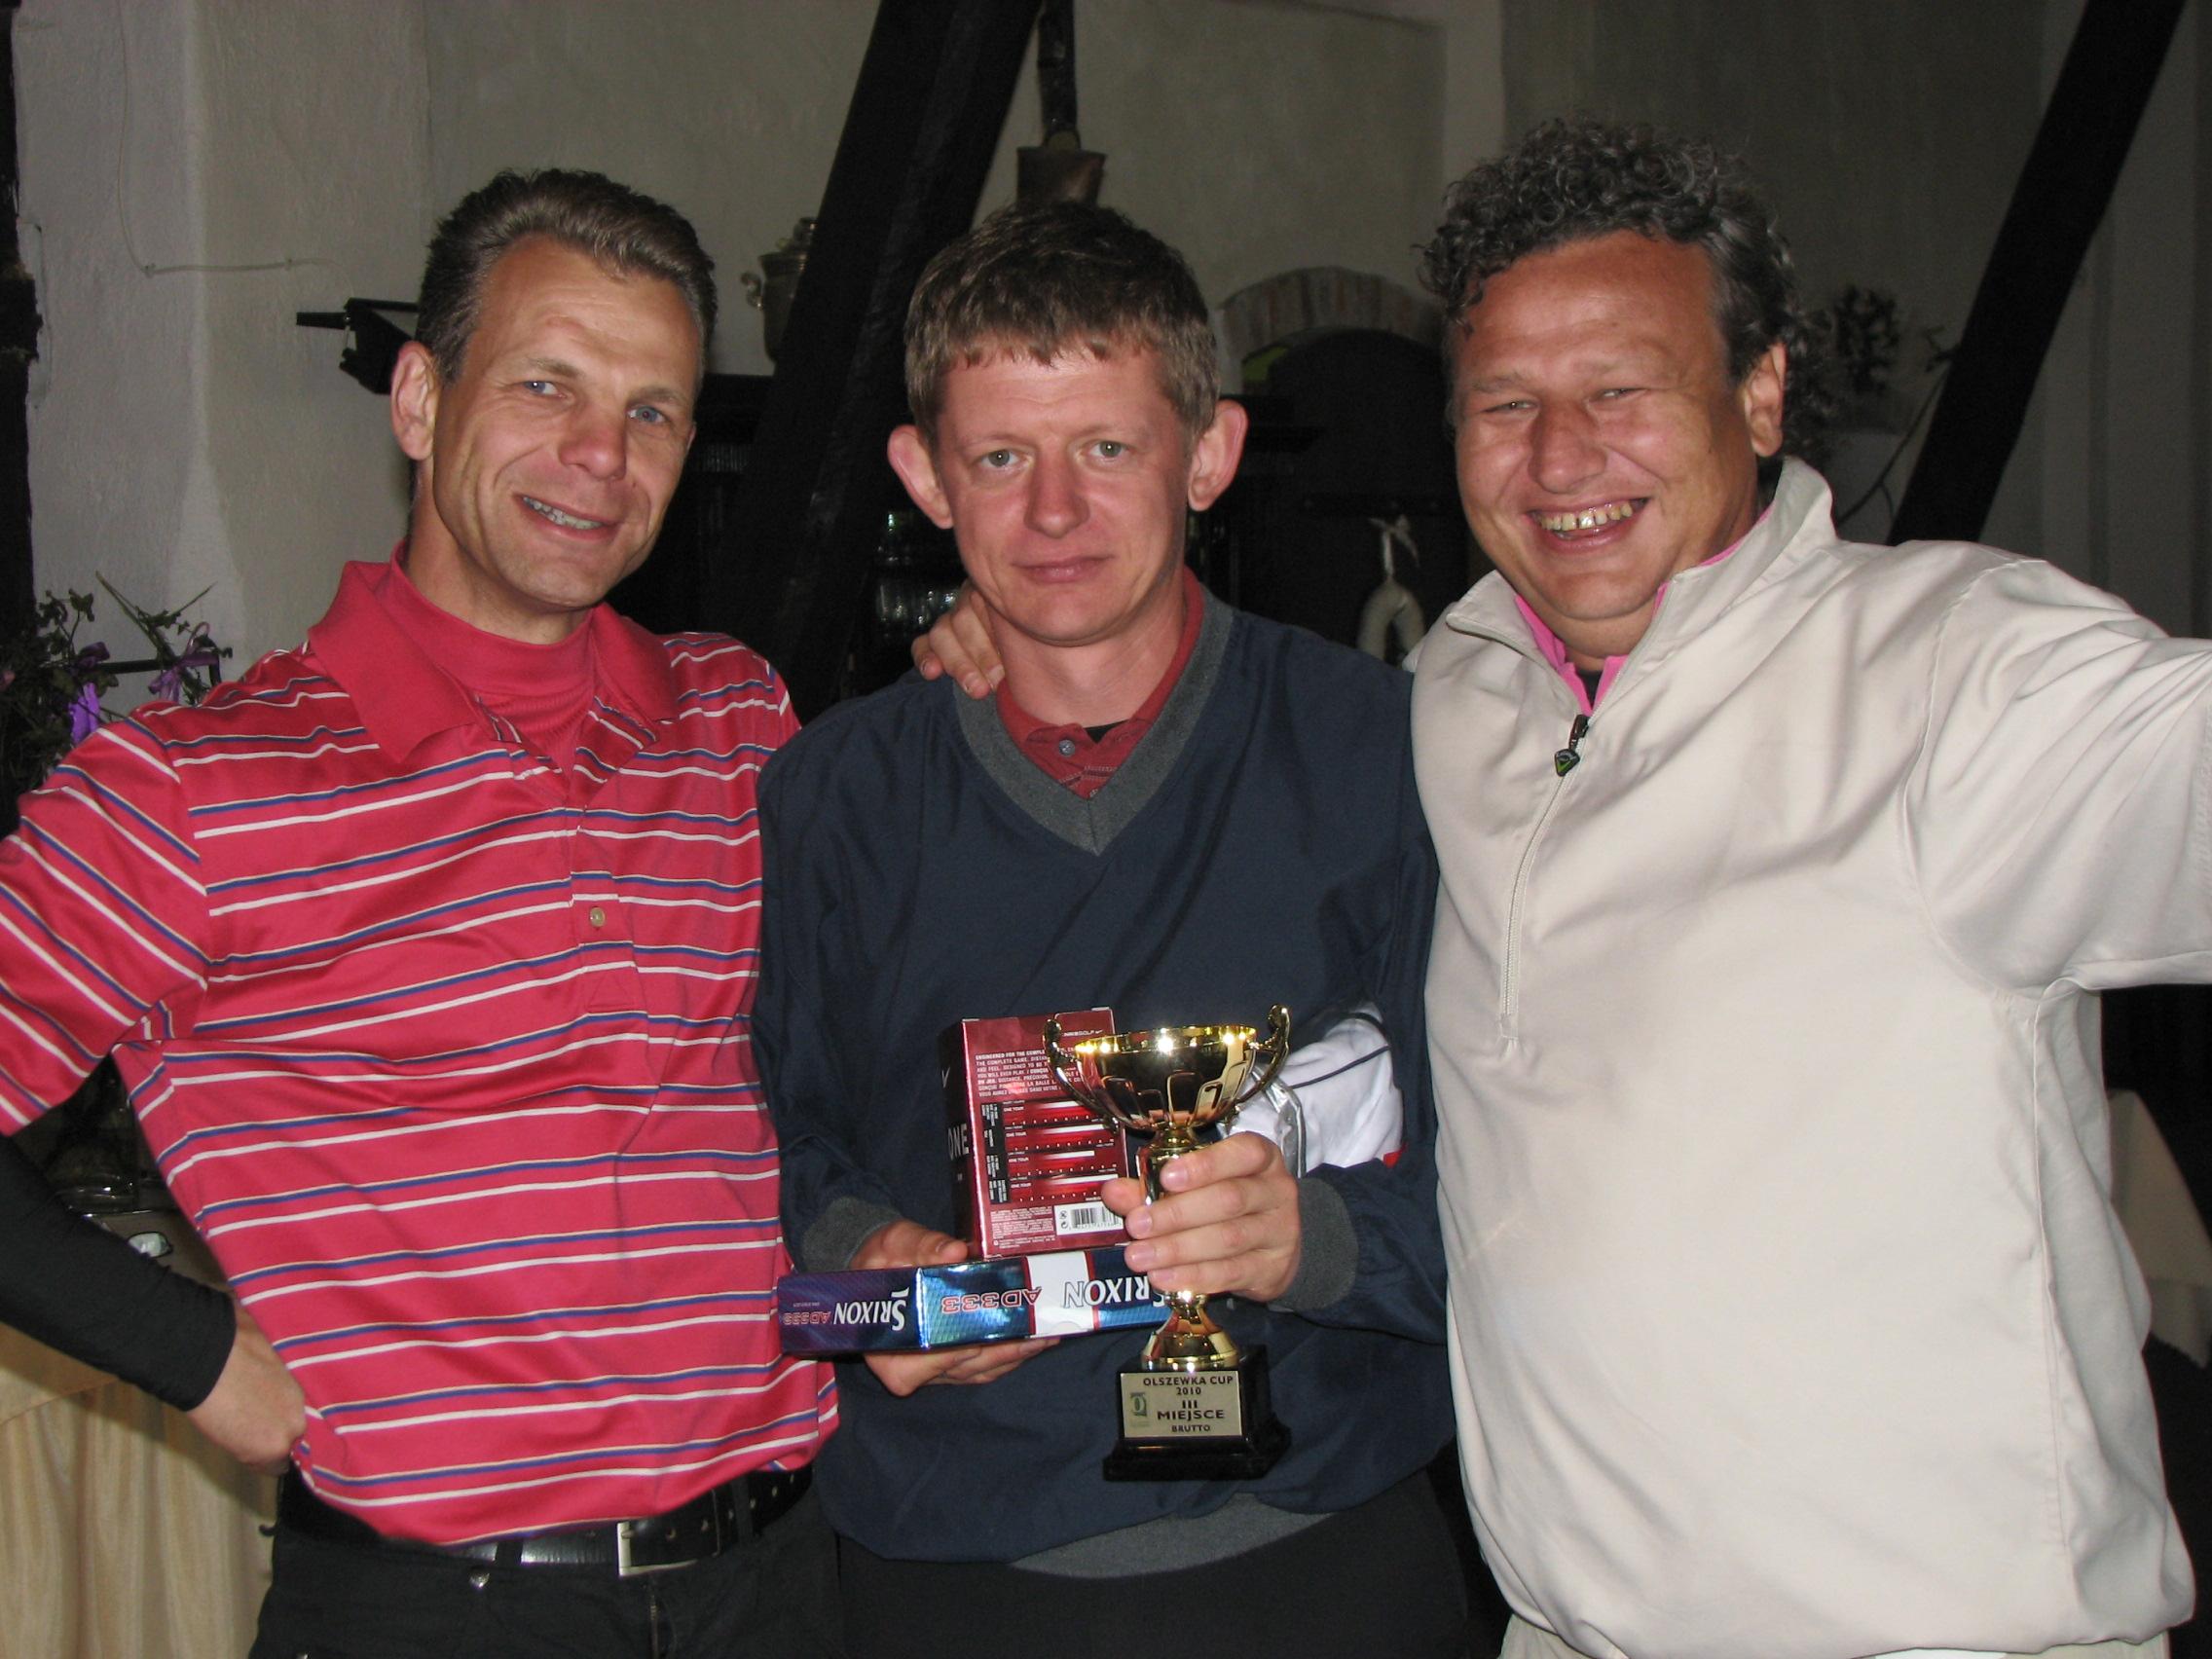 """<a href=""""http://golf-olszewka.pl/wp-content/uploads/2010/10/img_2329.jpg""""></a>Najlepsi gracze sezonu 2010: Paweł Kęsik, Jarek Michalski i Adam Pawlonka"""